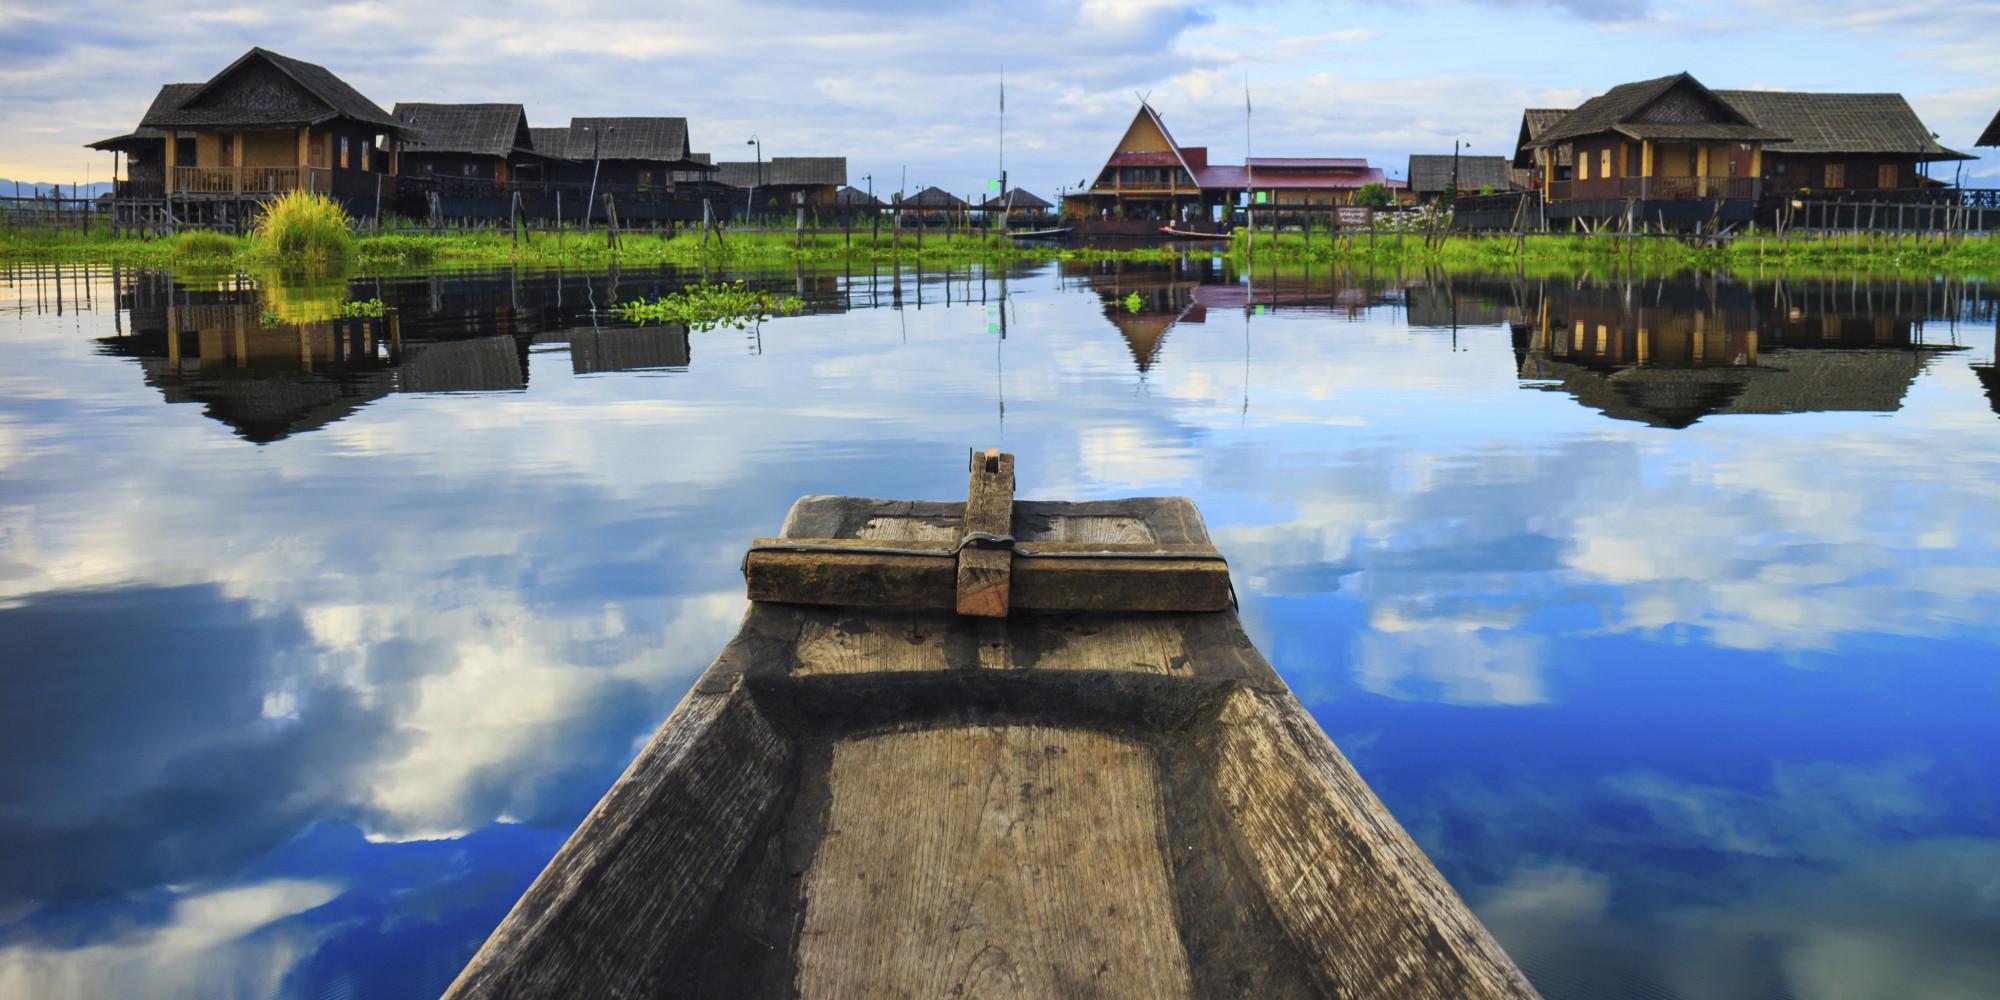 Inle Lake, Nyaungshwe: Address, Inle Lake Reviews: 5/5